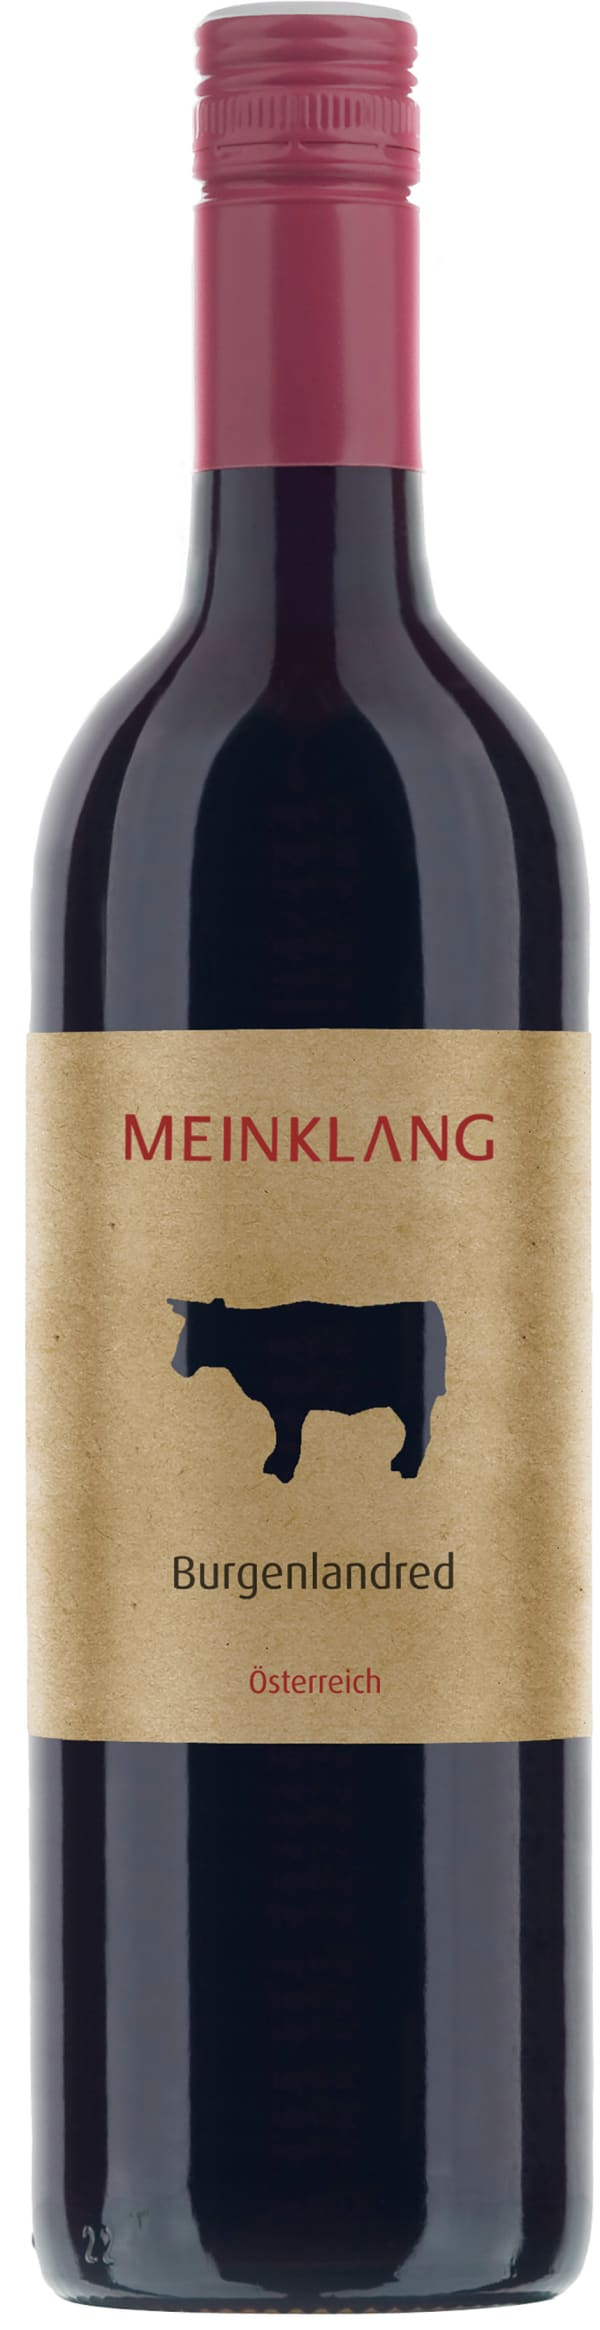 Meinklang Burgenlandred 2018